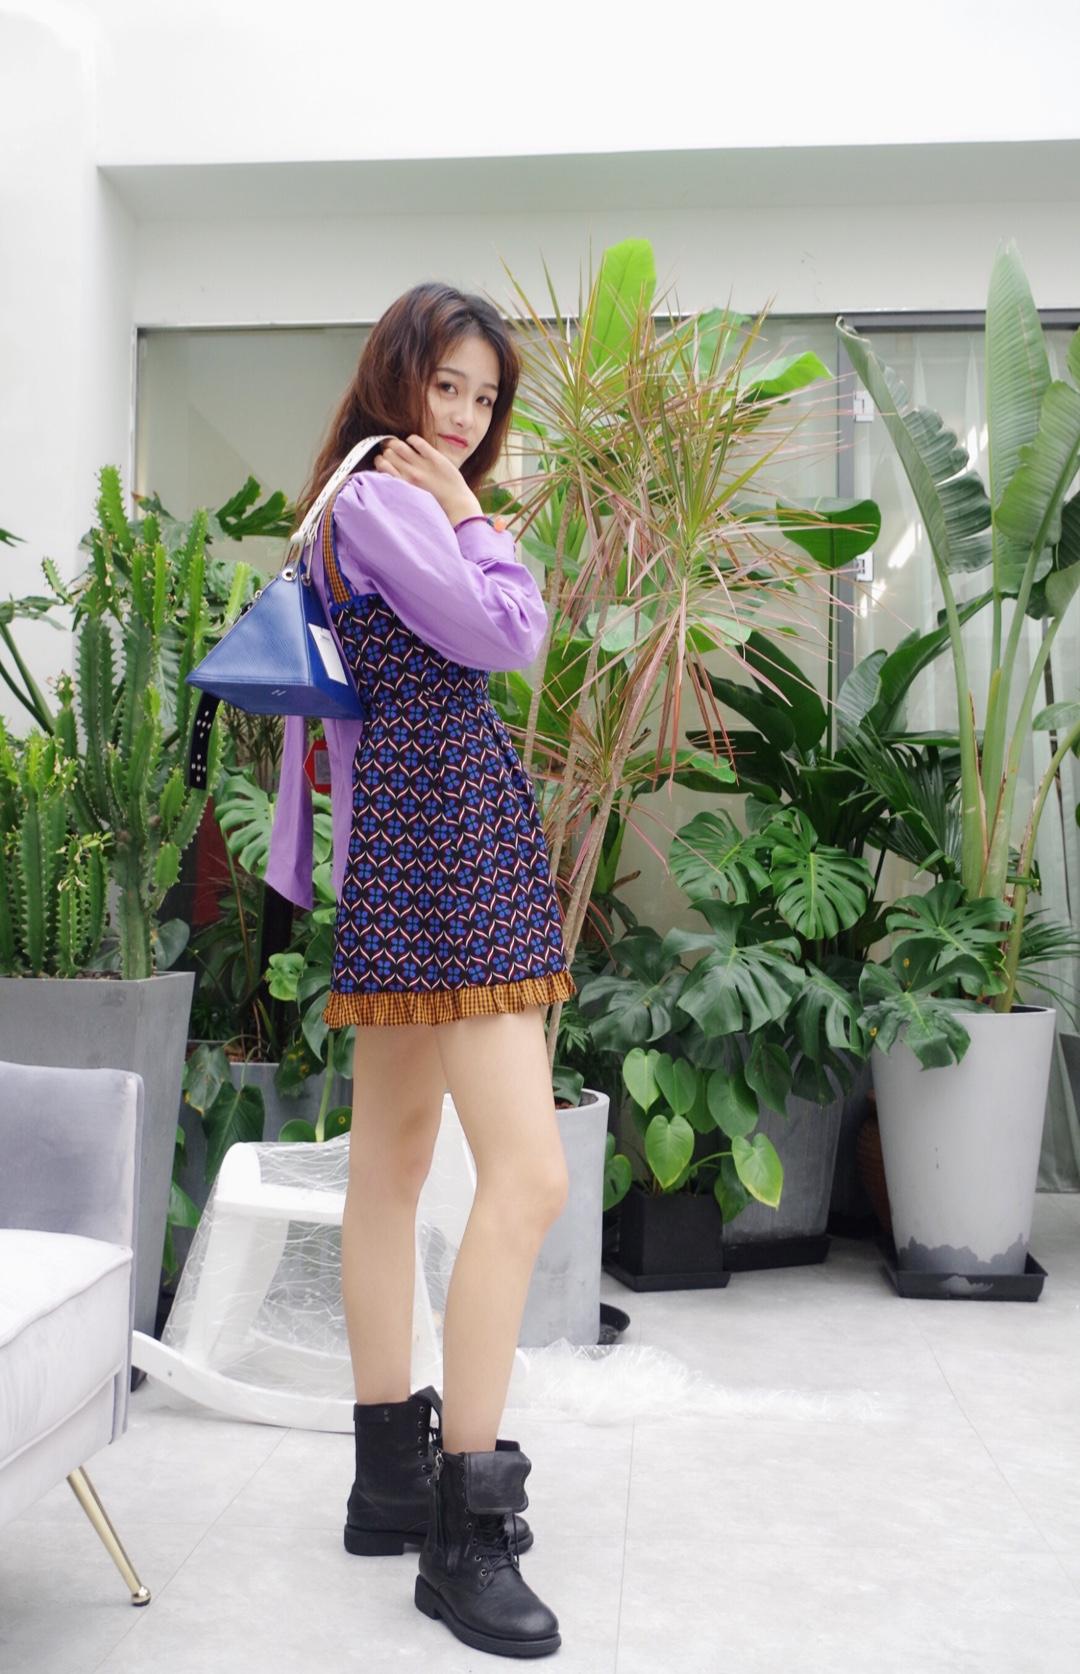 #红到发紫的YOUPPIE3.2上新# 田园风!很好看!非常俏皮显身材!